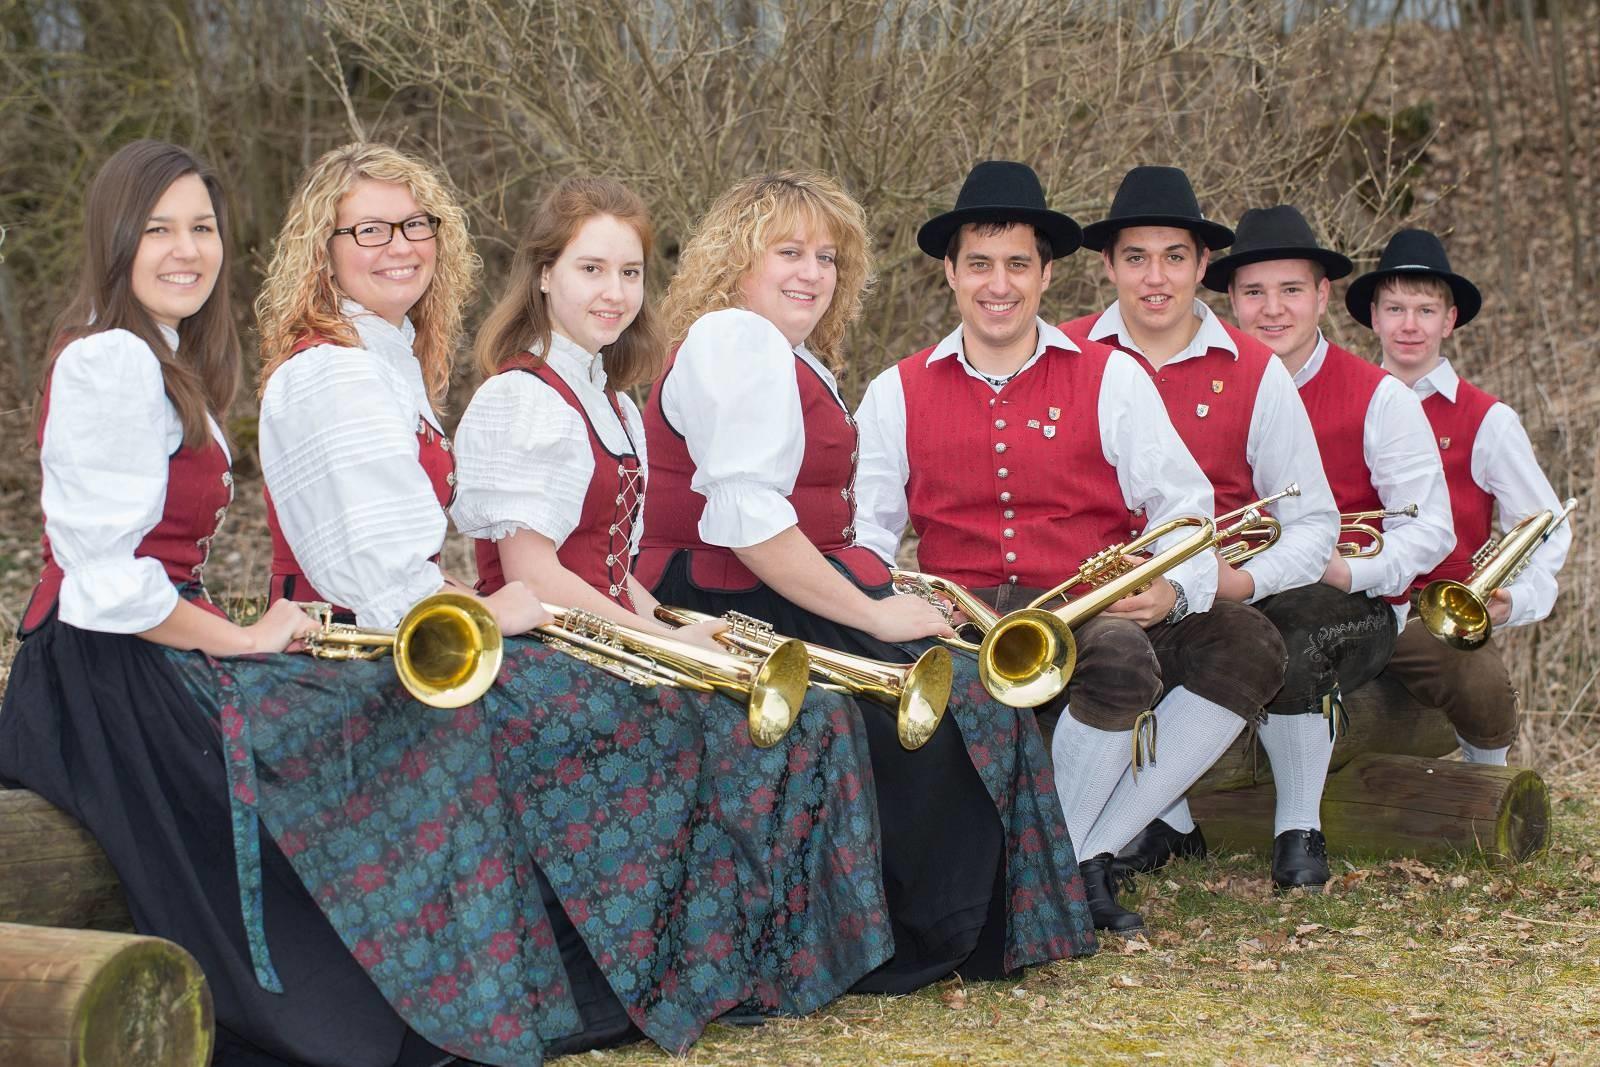 von links: Lena Muck, Kathrin Betz, Katja Maier, Petra Schuhwerk, Daniel Schedel, Patrick Wörz, Cedric Schreiber, Rainer Müller